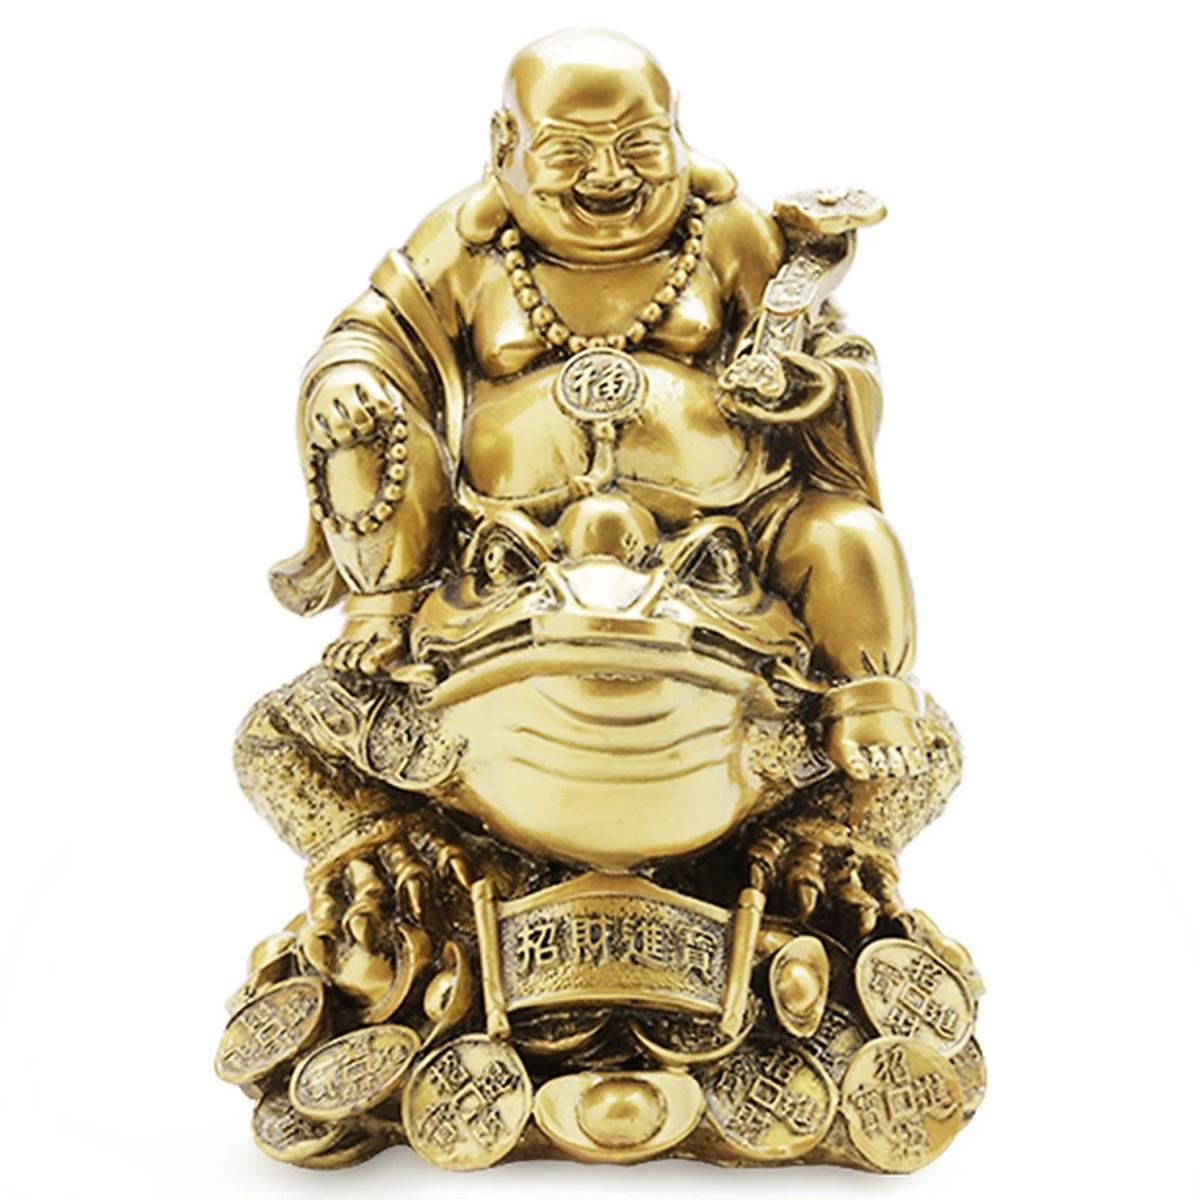 Tượng Phật Di Lặc Cưỡi Cóc Màu Đồng Vạn Thiên Xuân